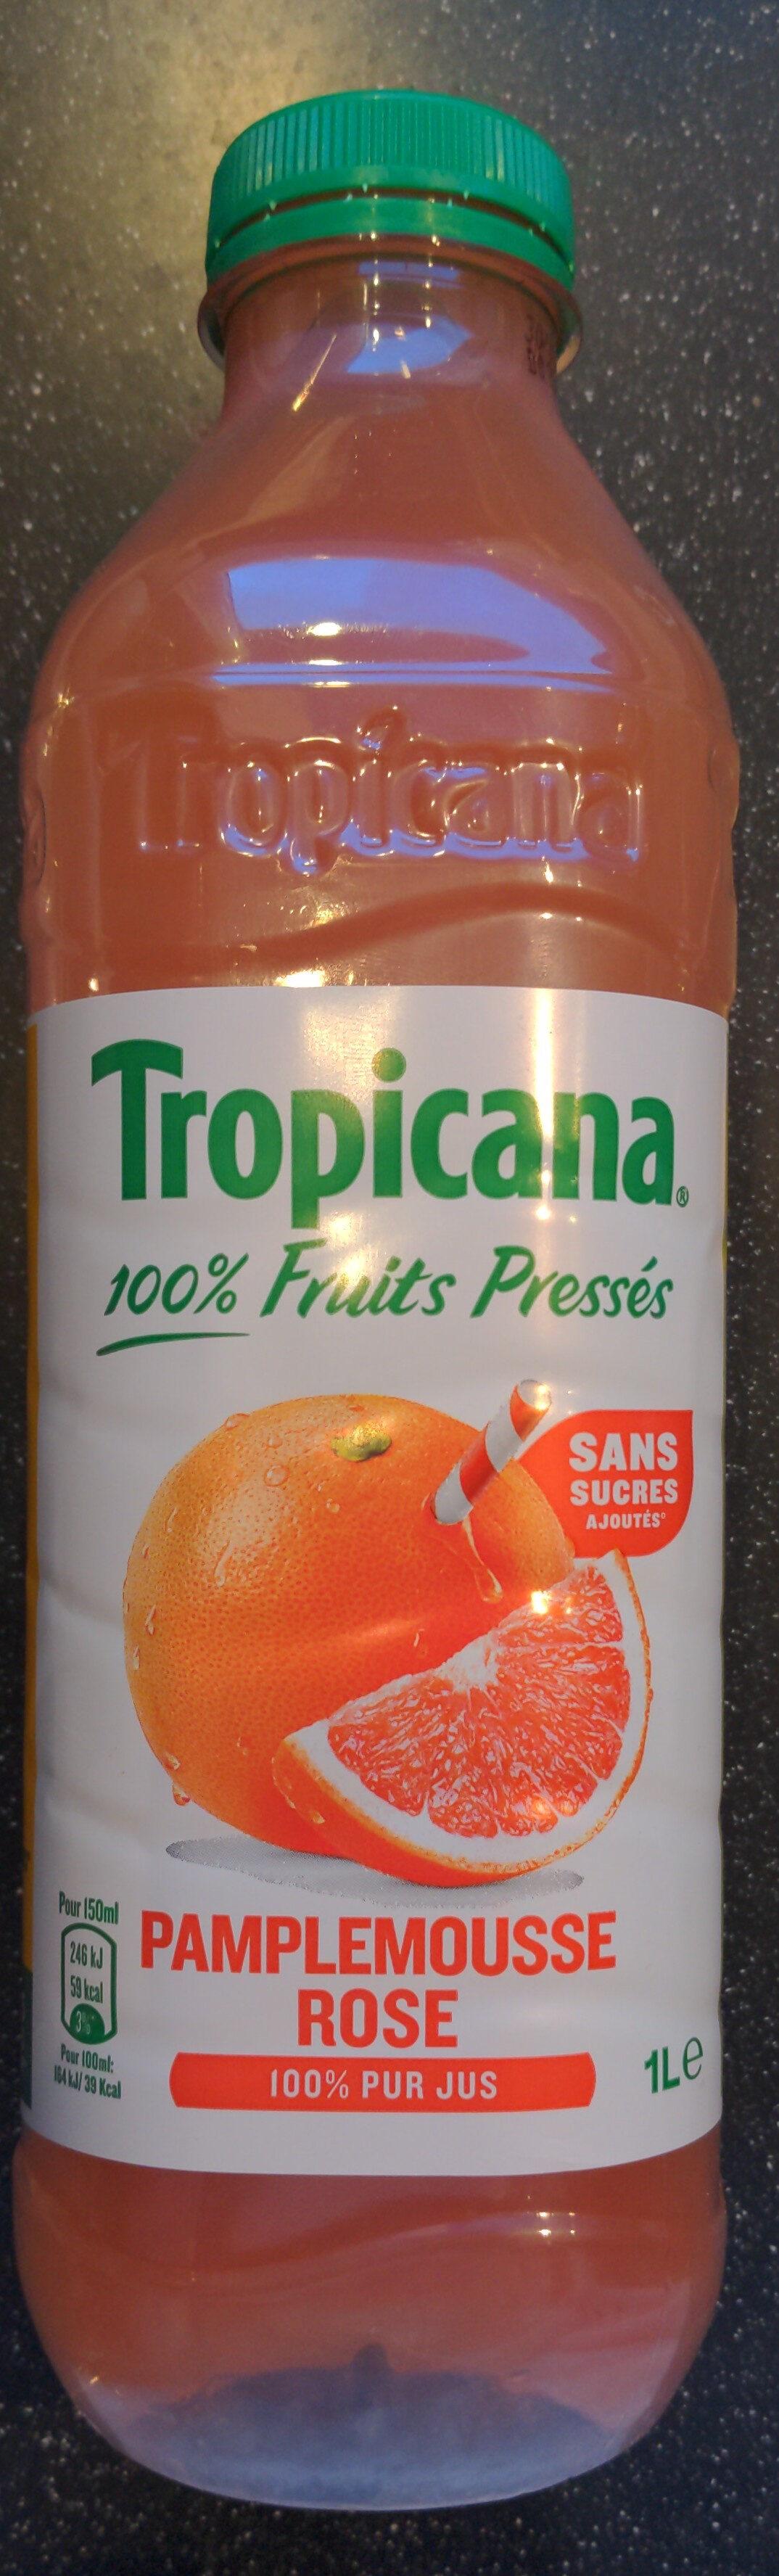 Tropicana Pure premium pamplemousse rose 1 L - Produit - fr